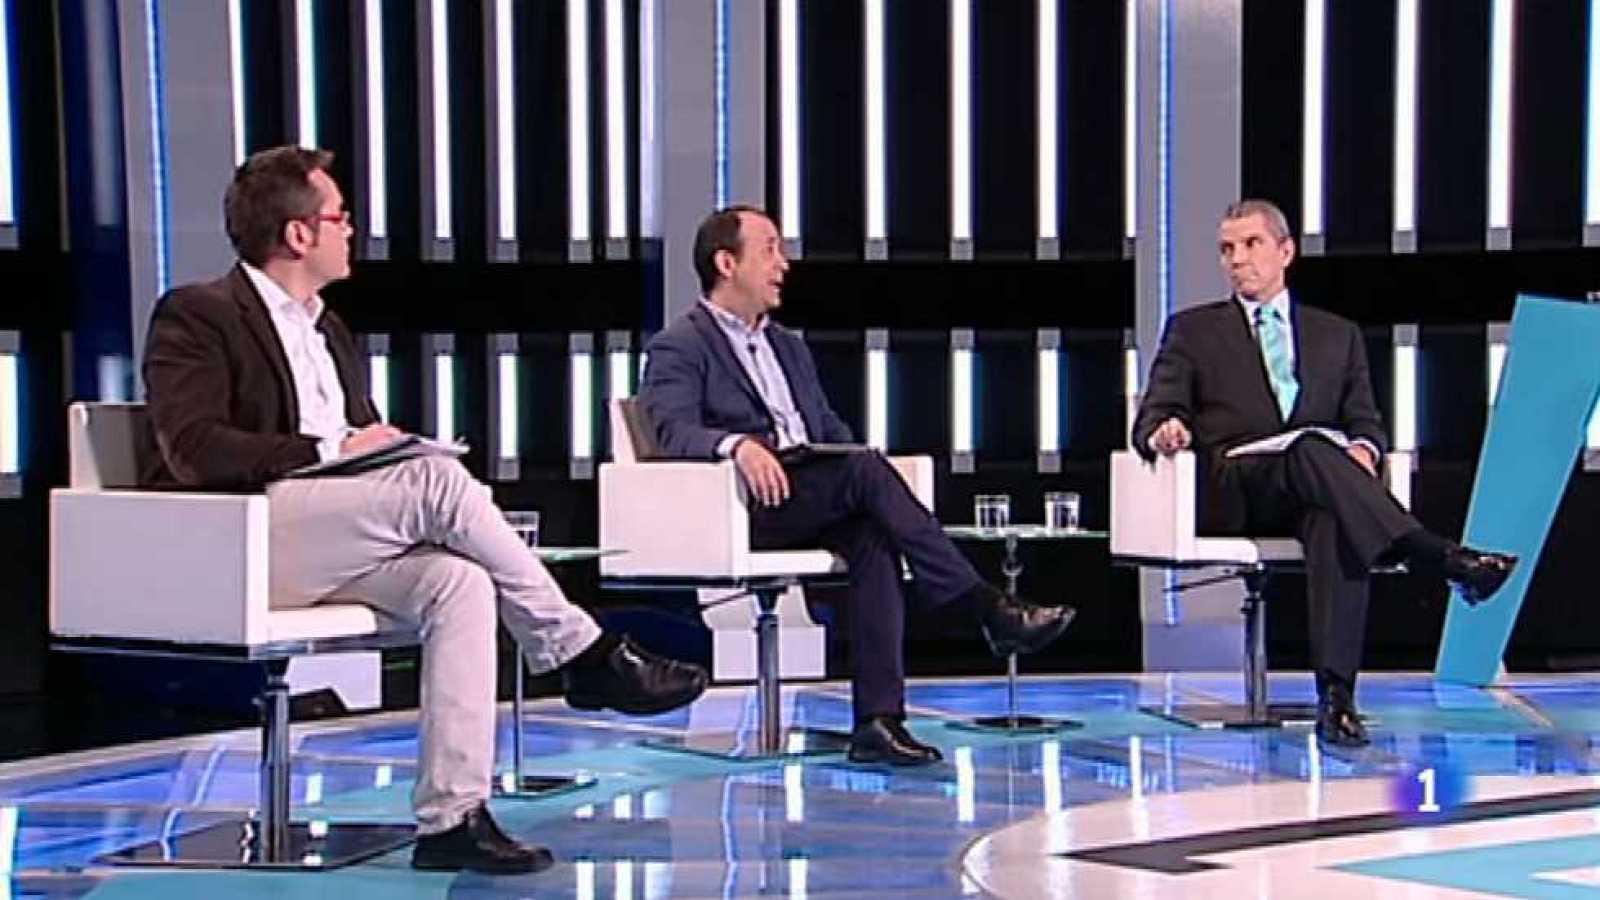 El debate de La 1 - ¿El fin de la crisis? - Ver ahora